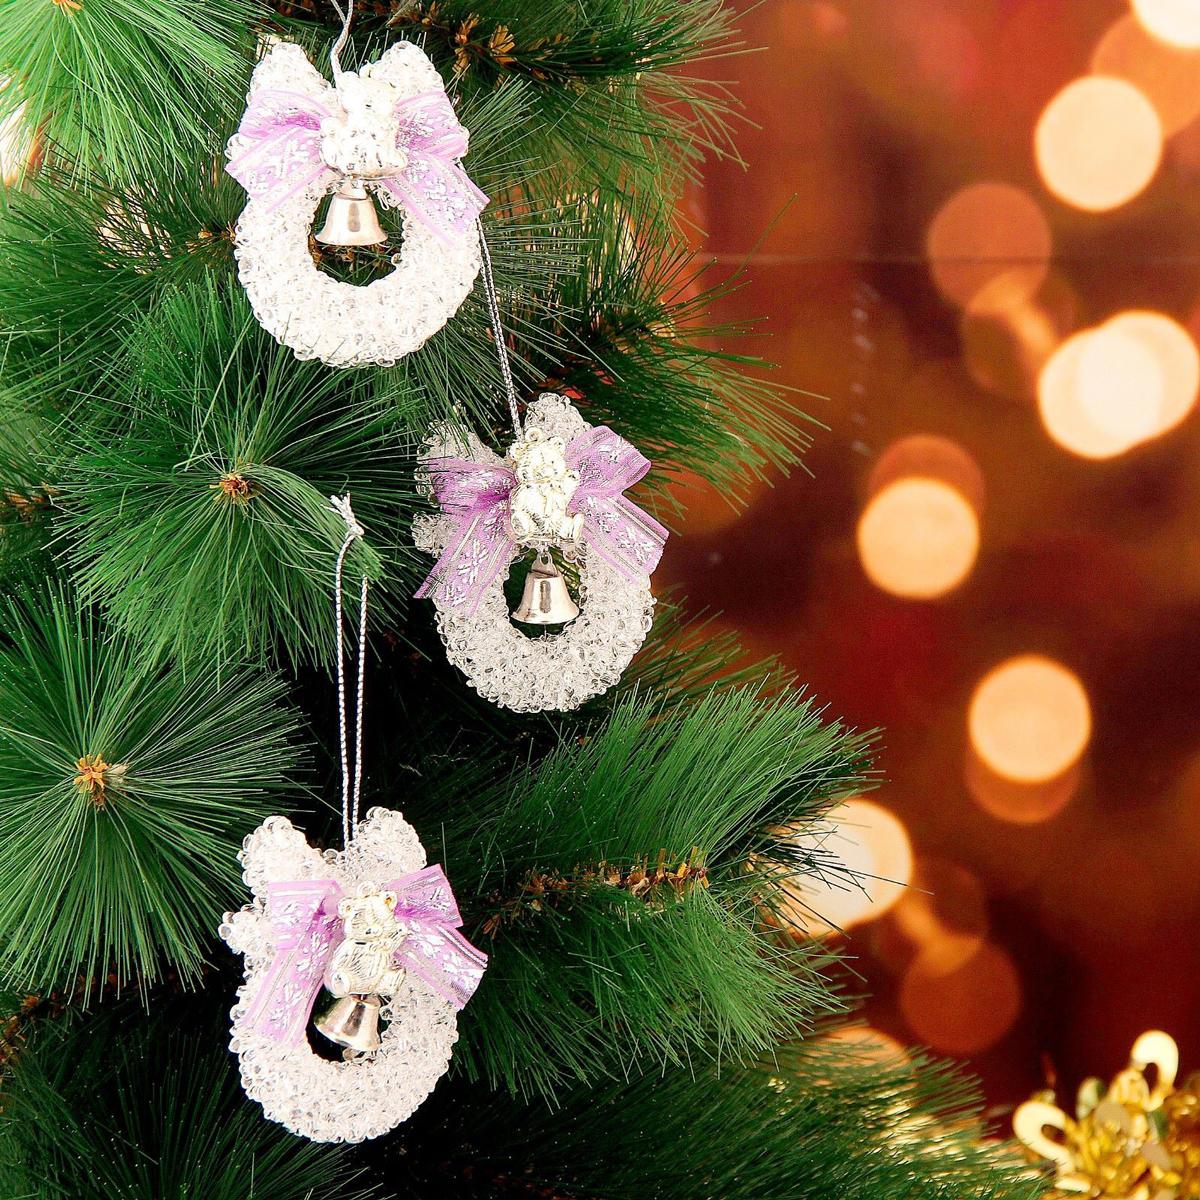 Украшение новогоднее елочное Шарик с лентой, 5,5 х 7 см, 3 шт2371320Невозможно представить нашу жизнь без праздников! Мы всегда ждем их и предвкушаем, обдумываем, как проведем памятный день, тщательно выбираем подарки и аксессуары, ведь именно они создают и поддерживают торжественный настрой. Это отличный выбор, который привнесет атмосферу праздника в ваш дом!